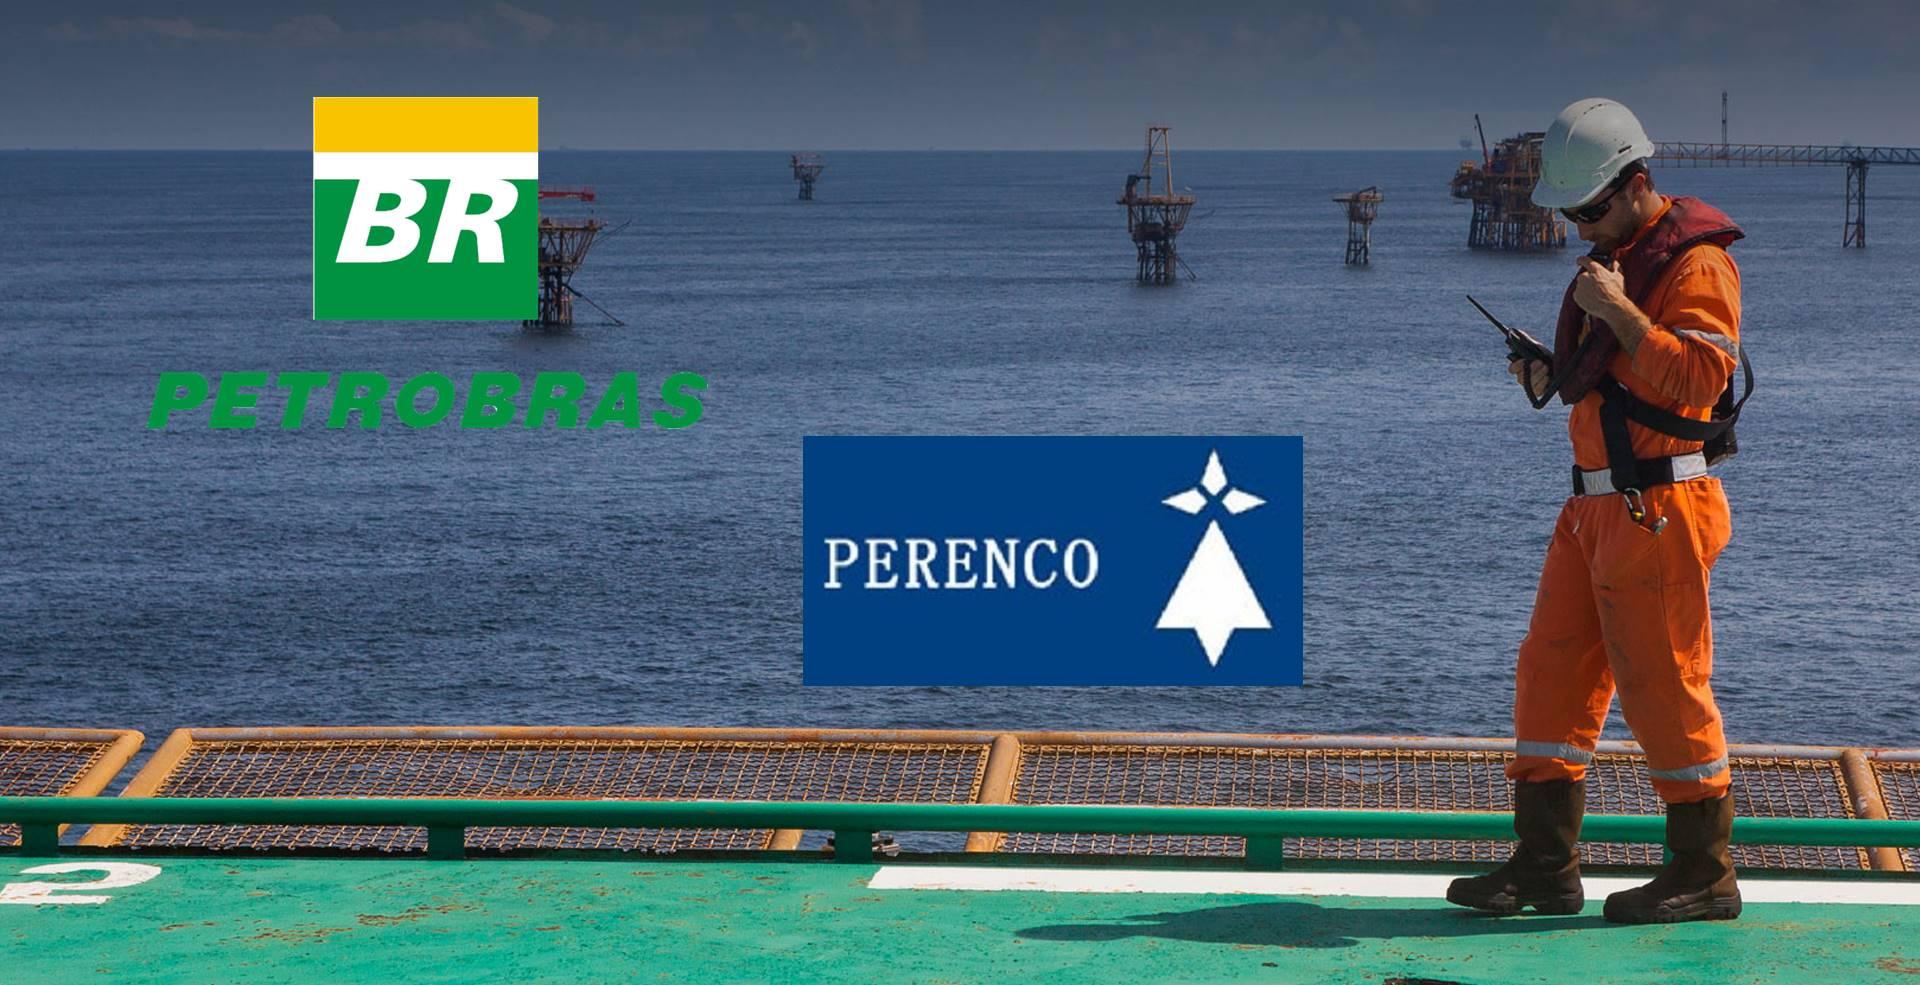 Petrobras acaba de vender 3 campos na Bacia de Campos para Perenco